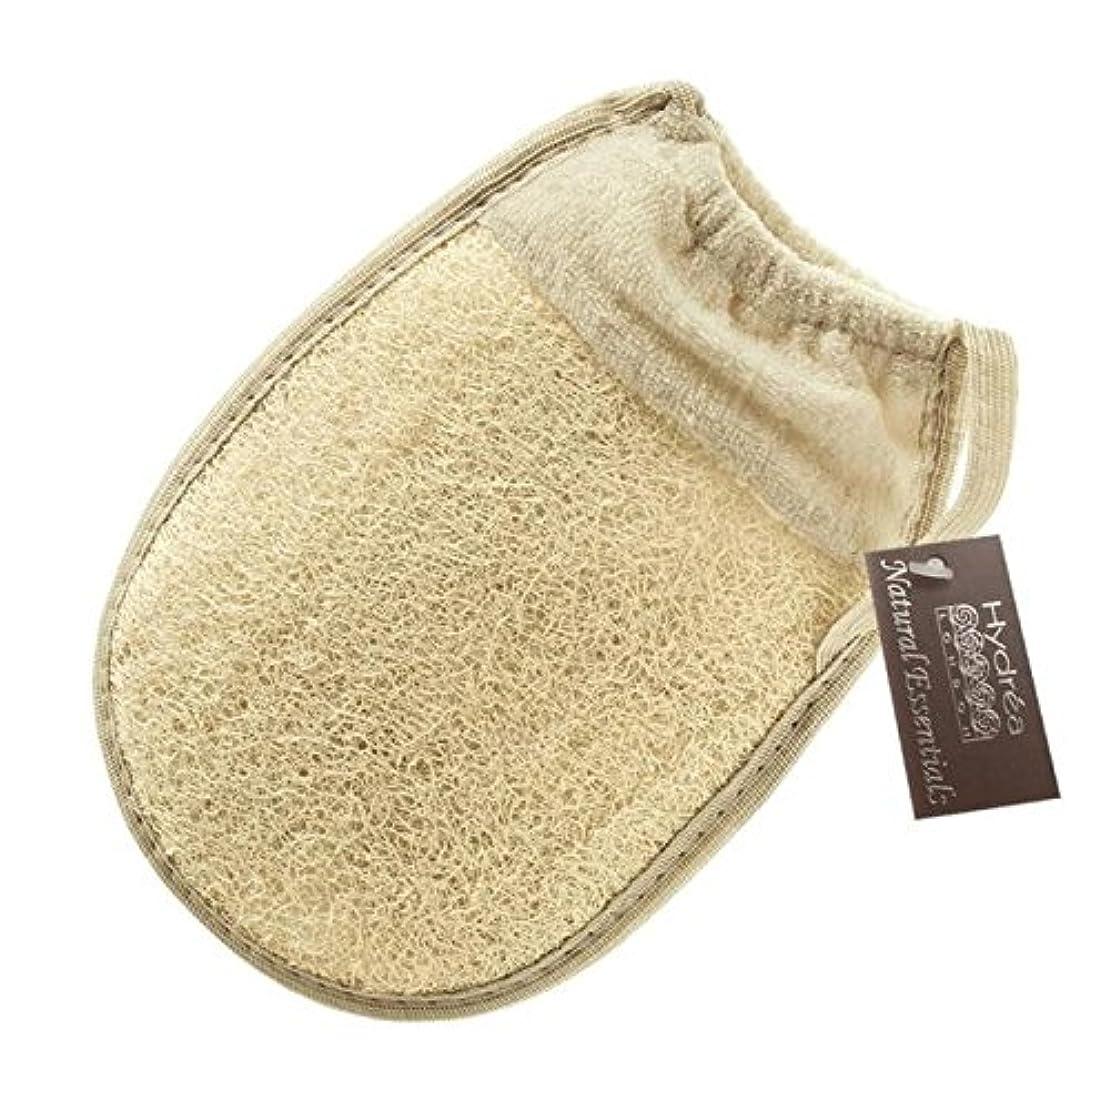 アプライアンス匿名悪魔Hydrea London Egyptian Loofah Glove with Elasticated Cuff - 伸縮性カフとハイドレアロンドンエジプトのヘチマグローブ [並行輸入品]